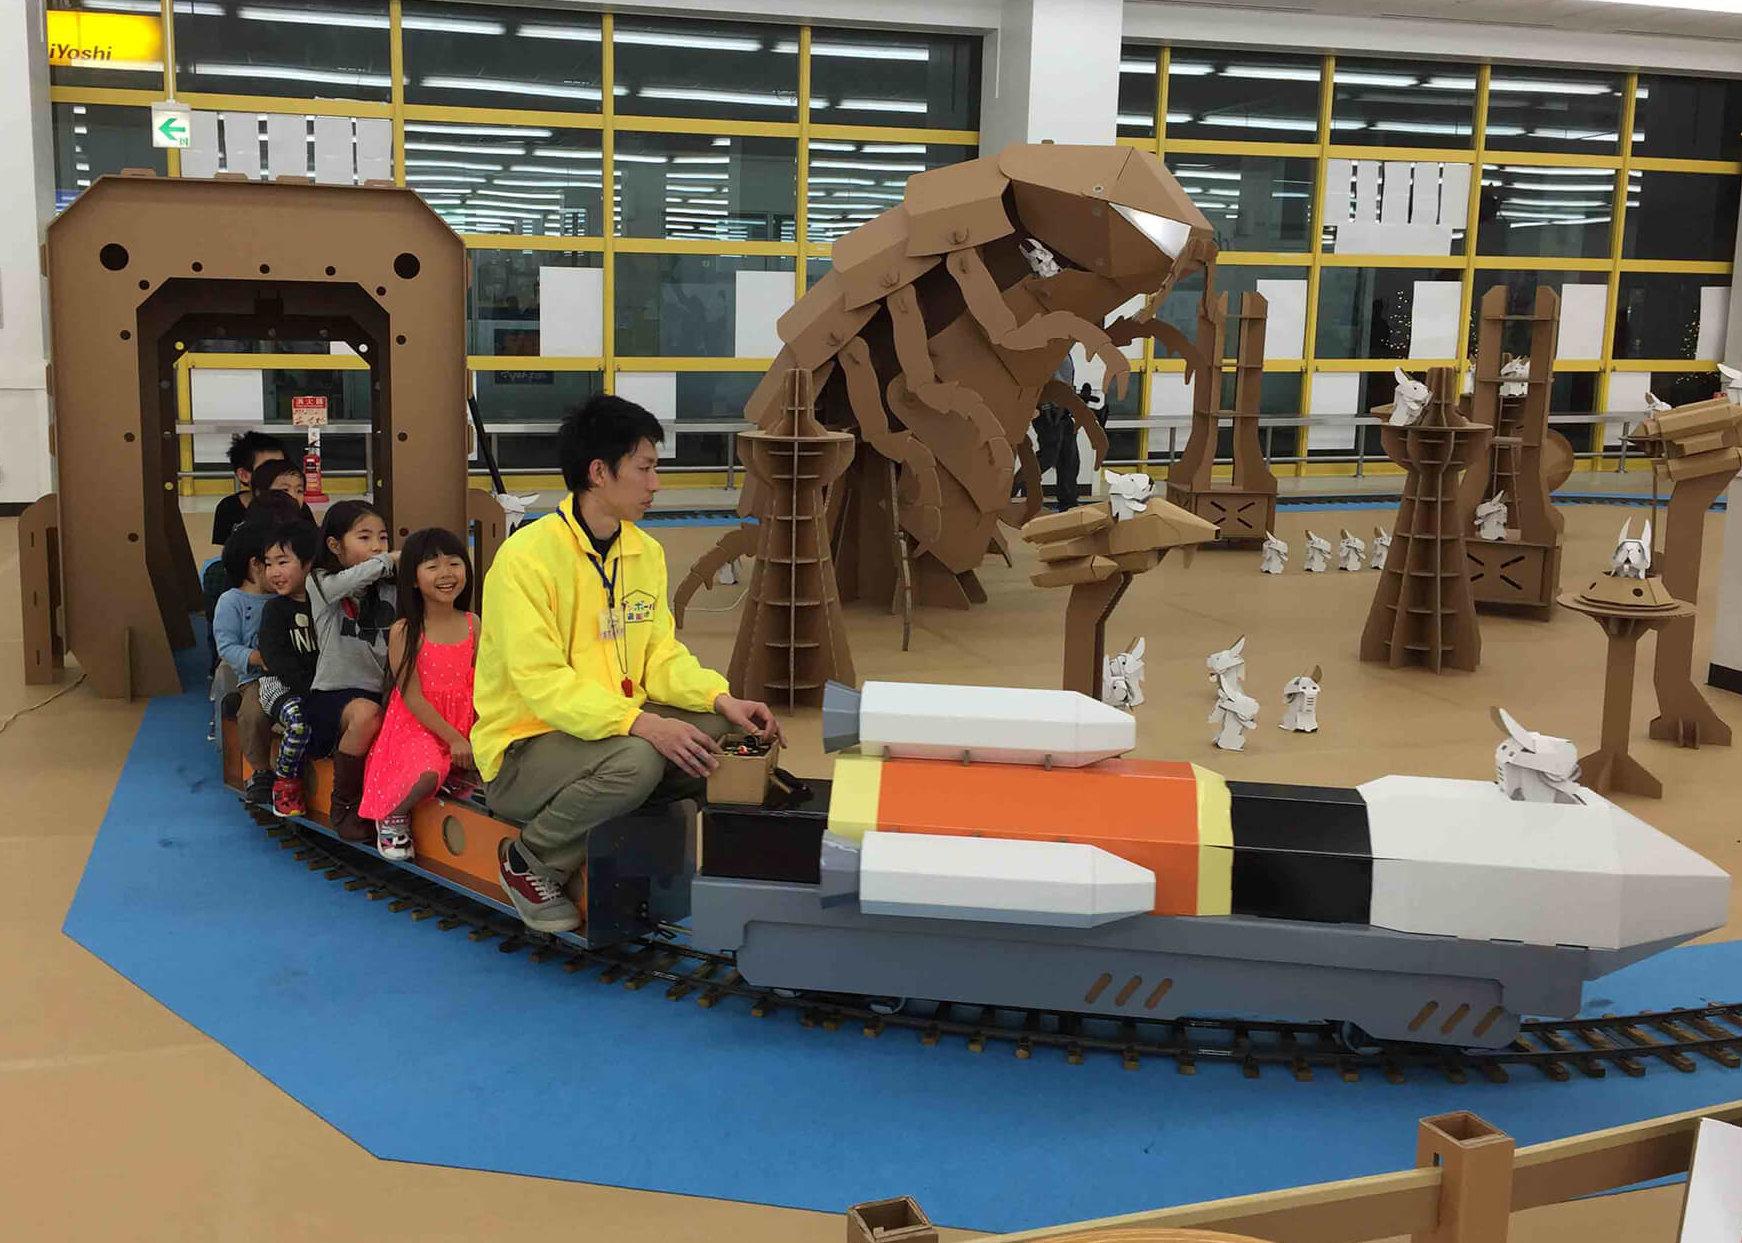 この写真はダンボール宇宙遊園地で、ロケット電車で遊ぶ子供達